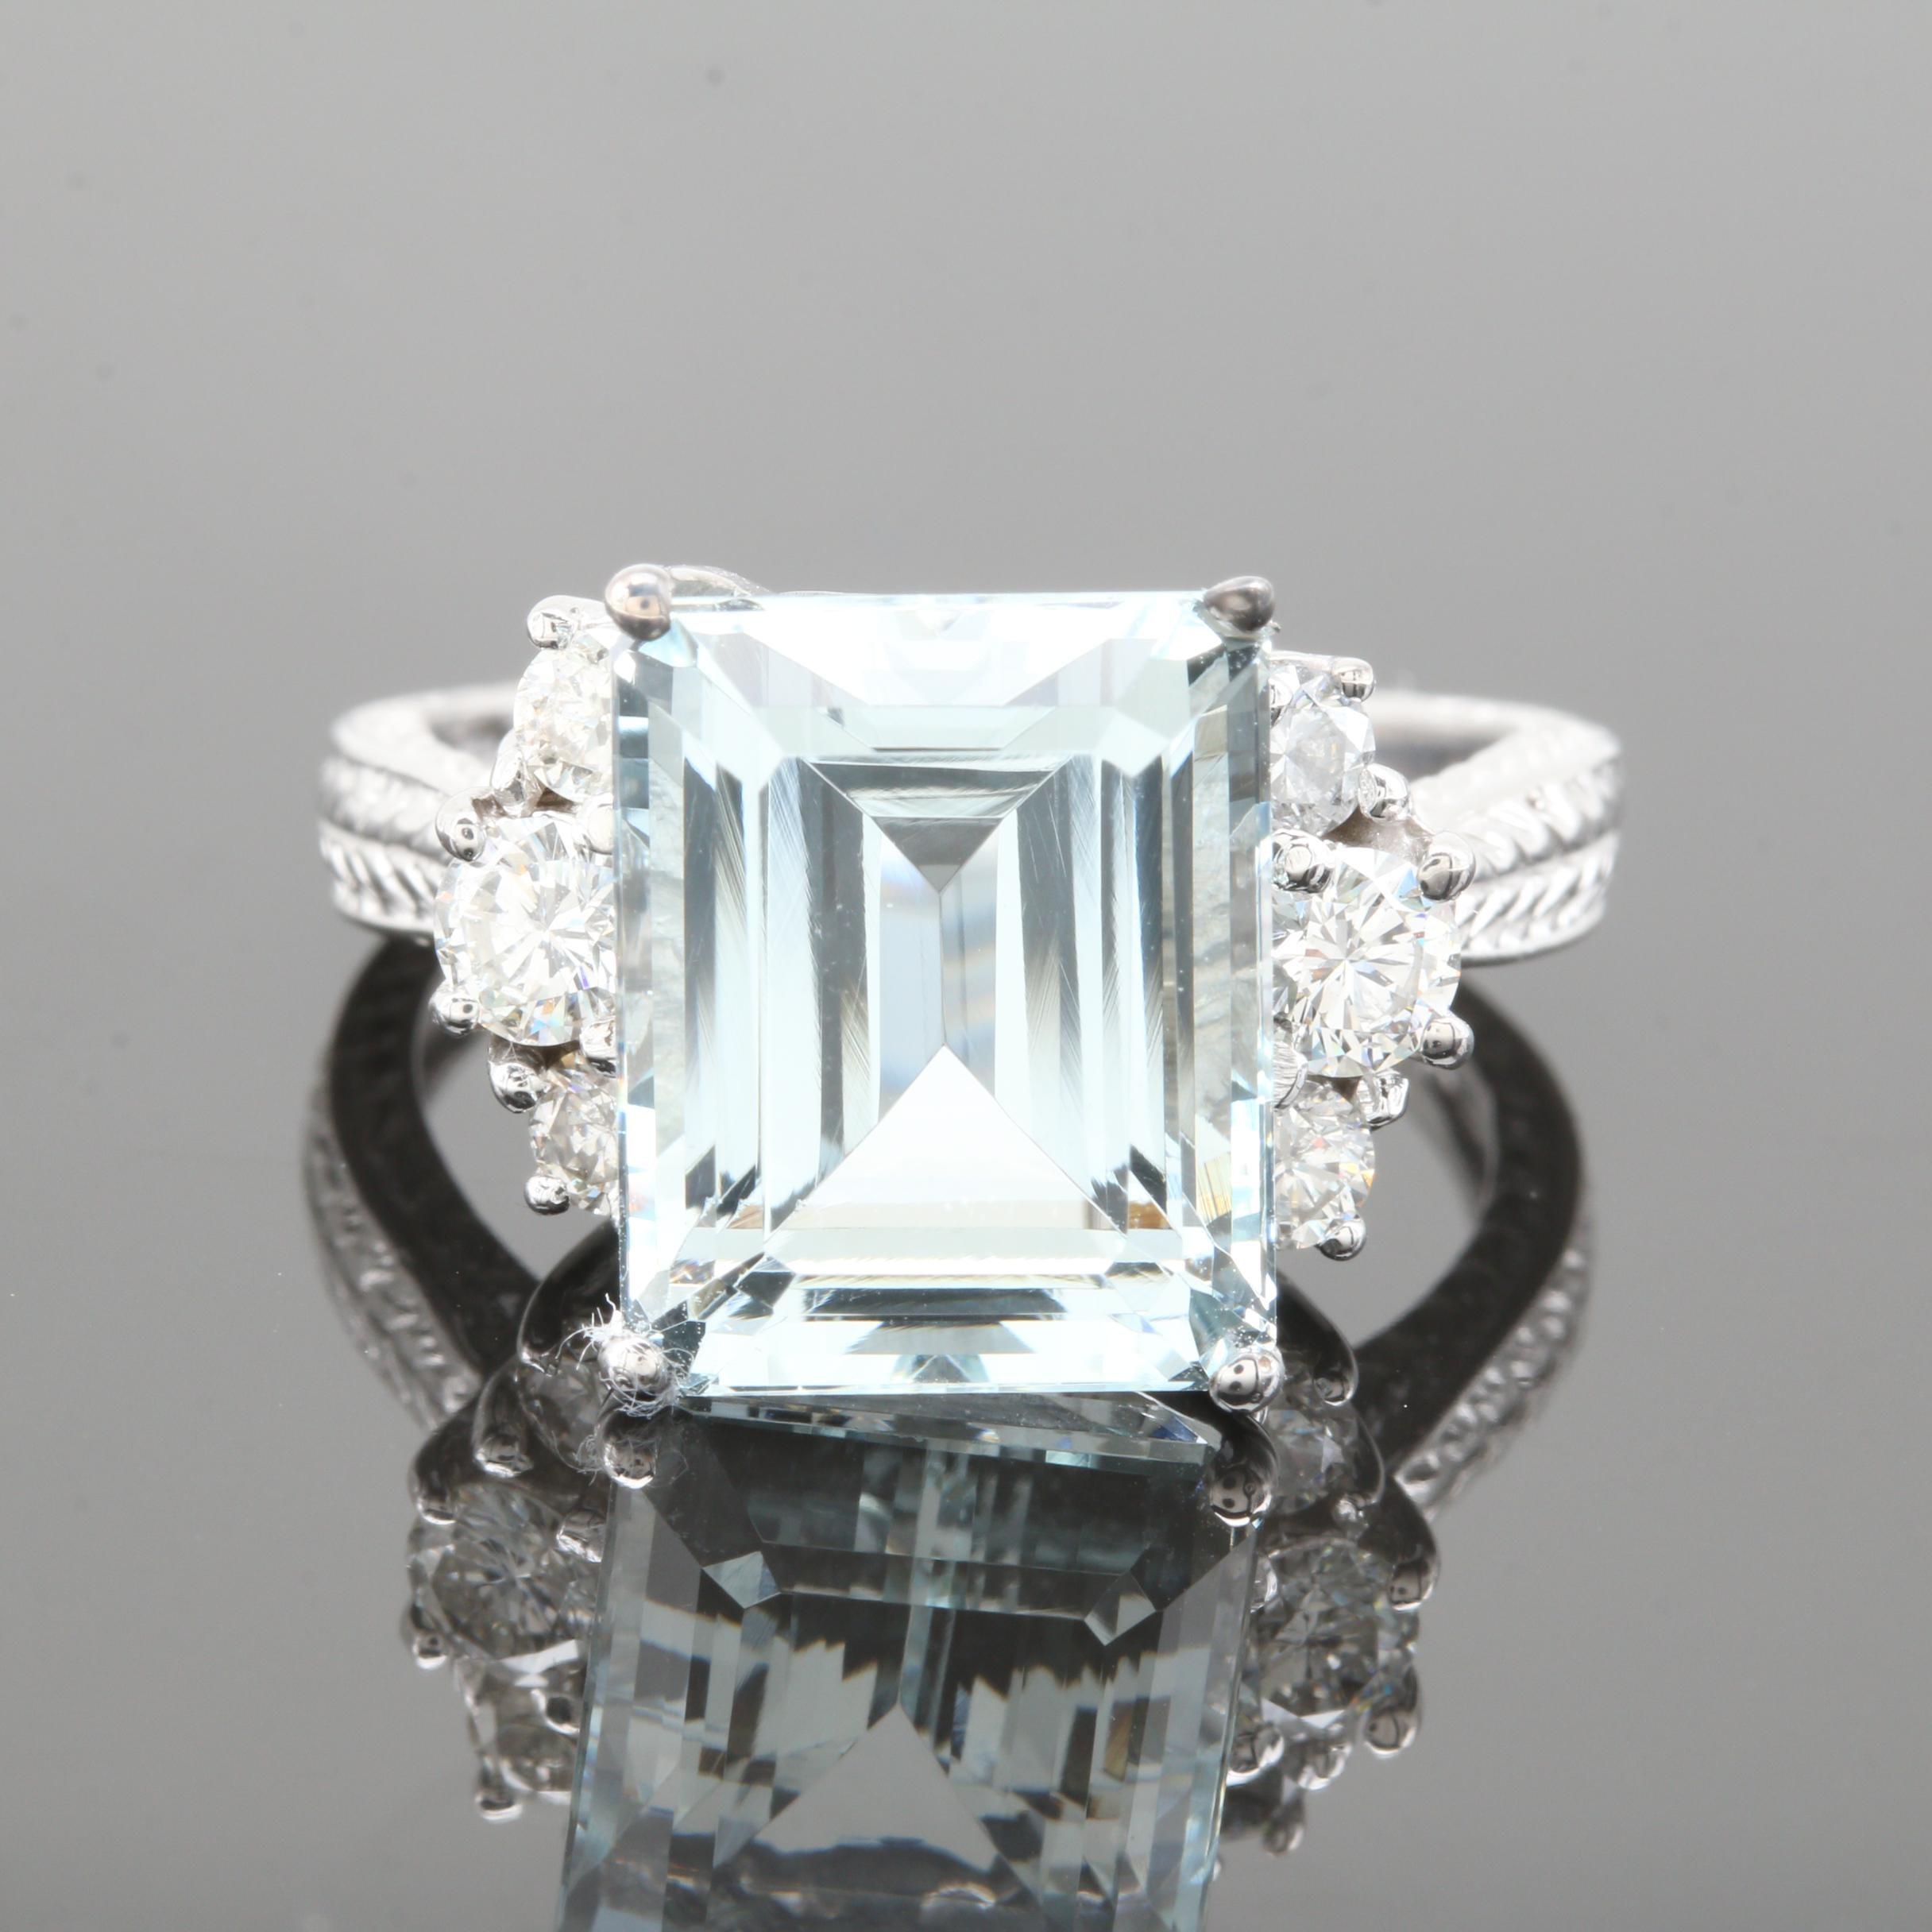 14K White Gold 6.33 CT Aquamarine and Diamond Ring